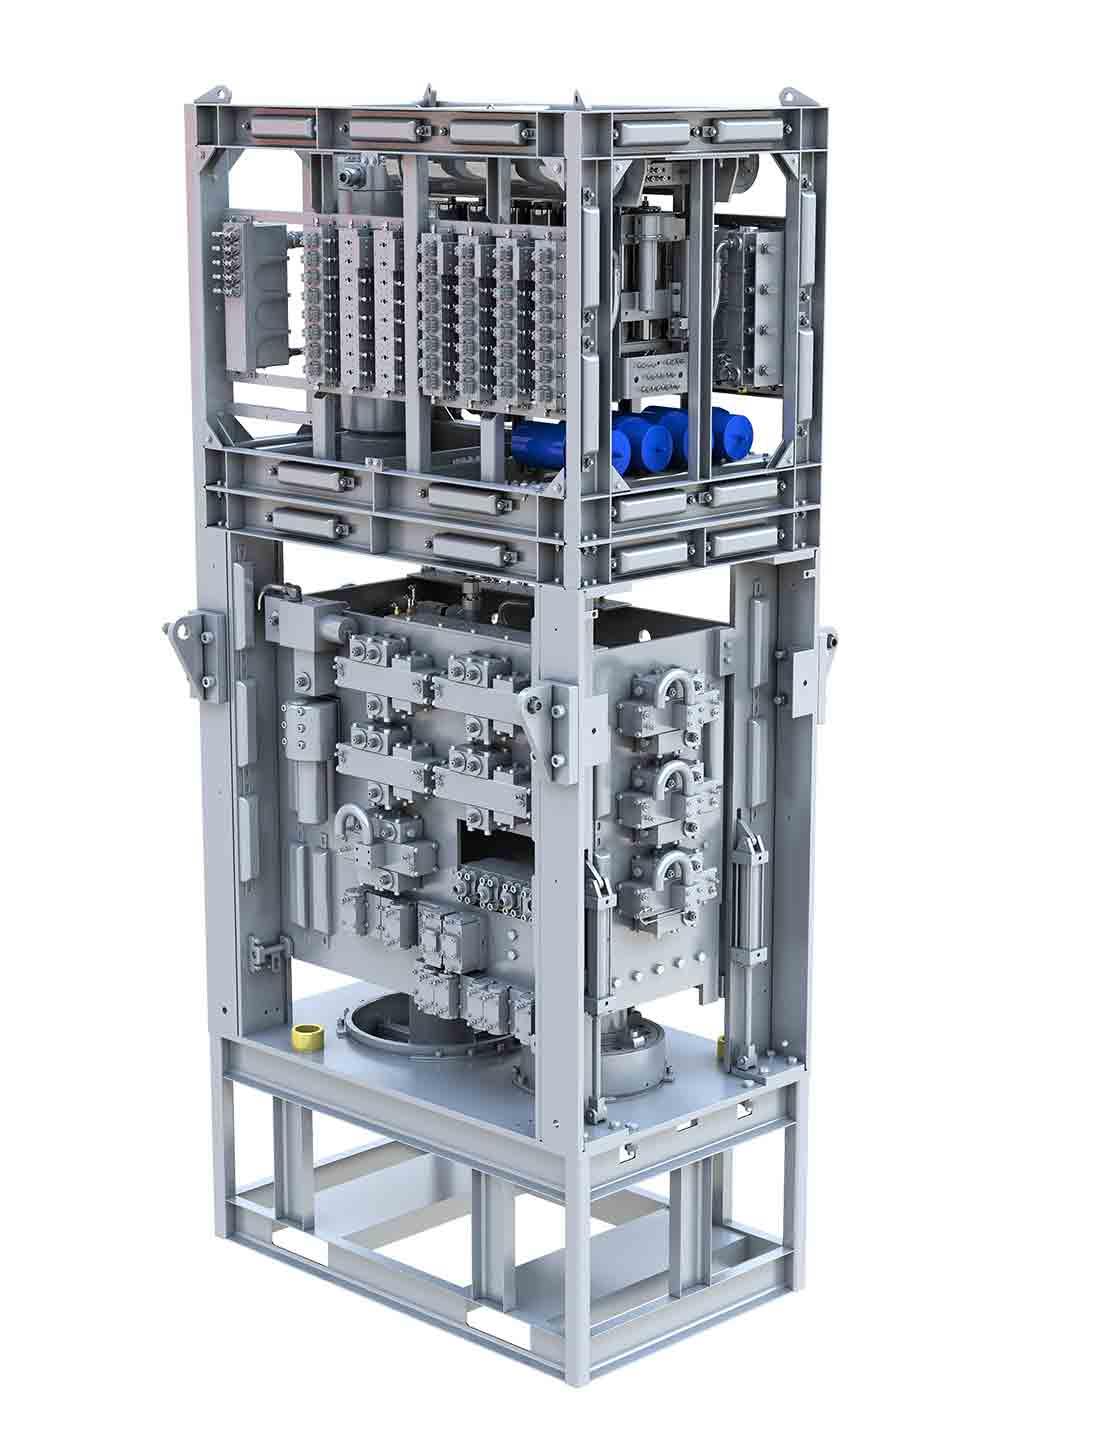 MARK III Subsea Multiplex Control Pod 3D Model